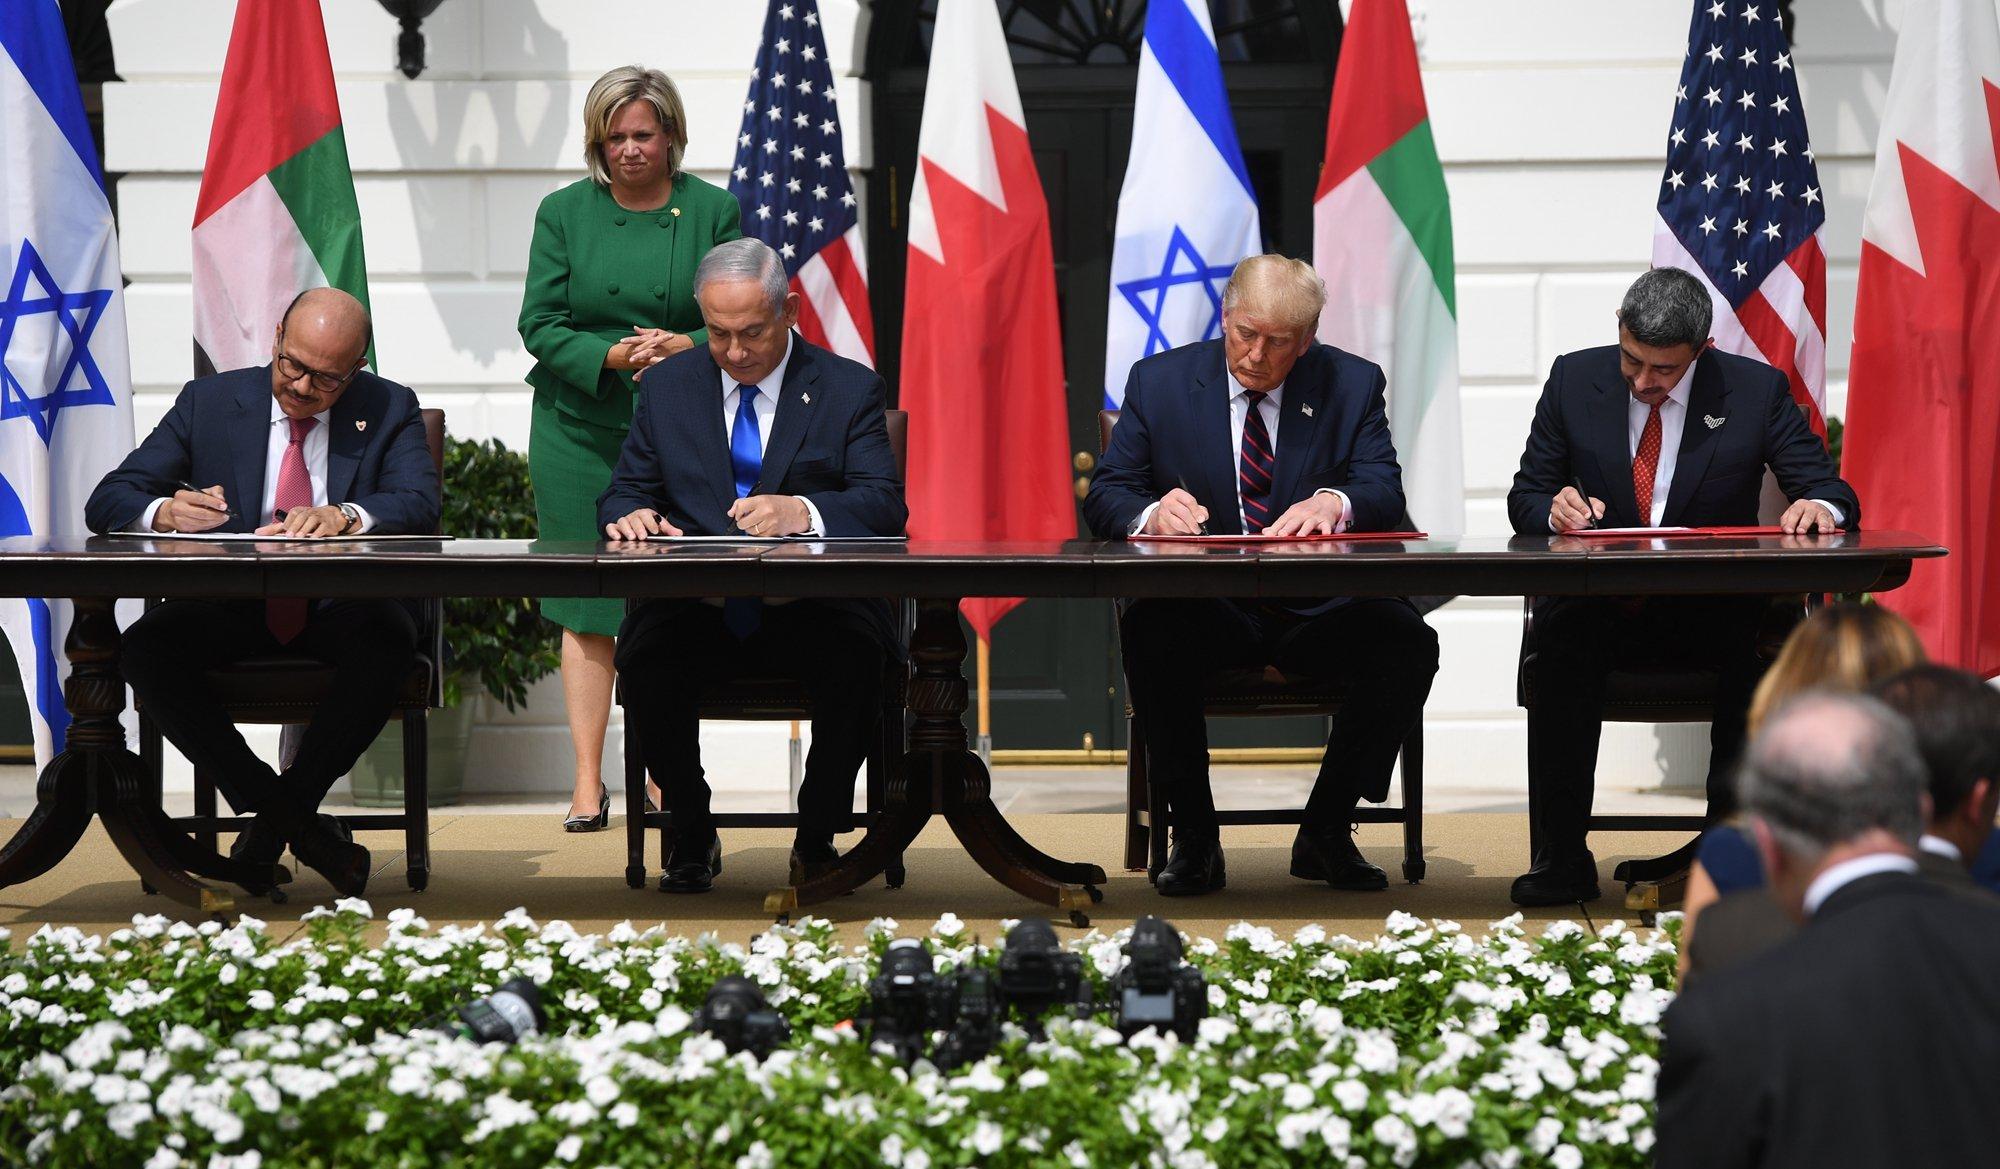 2020年9月15日,特朗普總統作為見證人,與巴林外長(左一)、以色列總理(左二)、阿聯酋外長(右一)簽署和平協議。(SAUL LOEB/AFP)